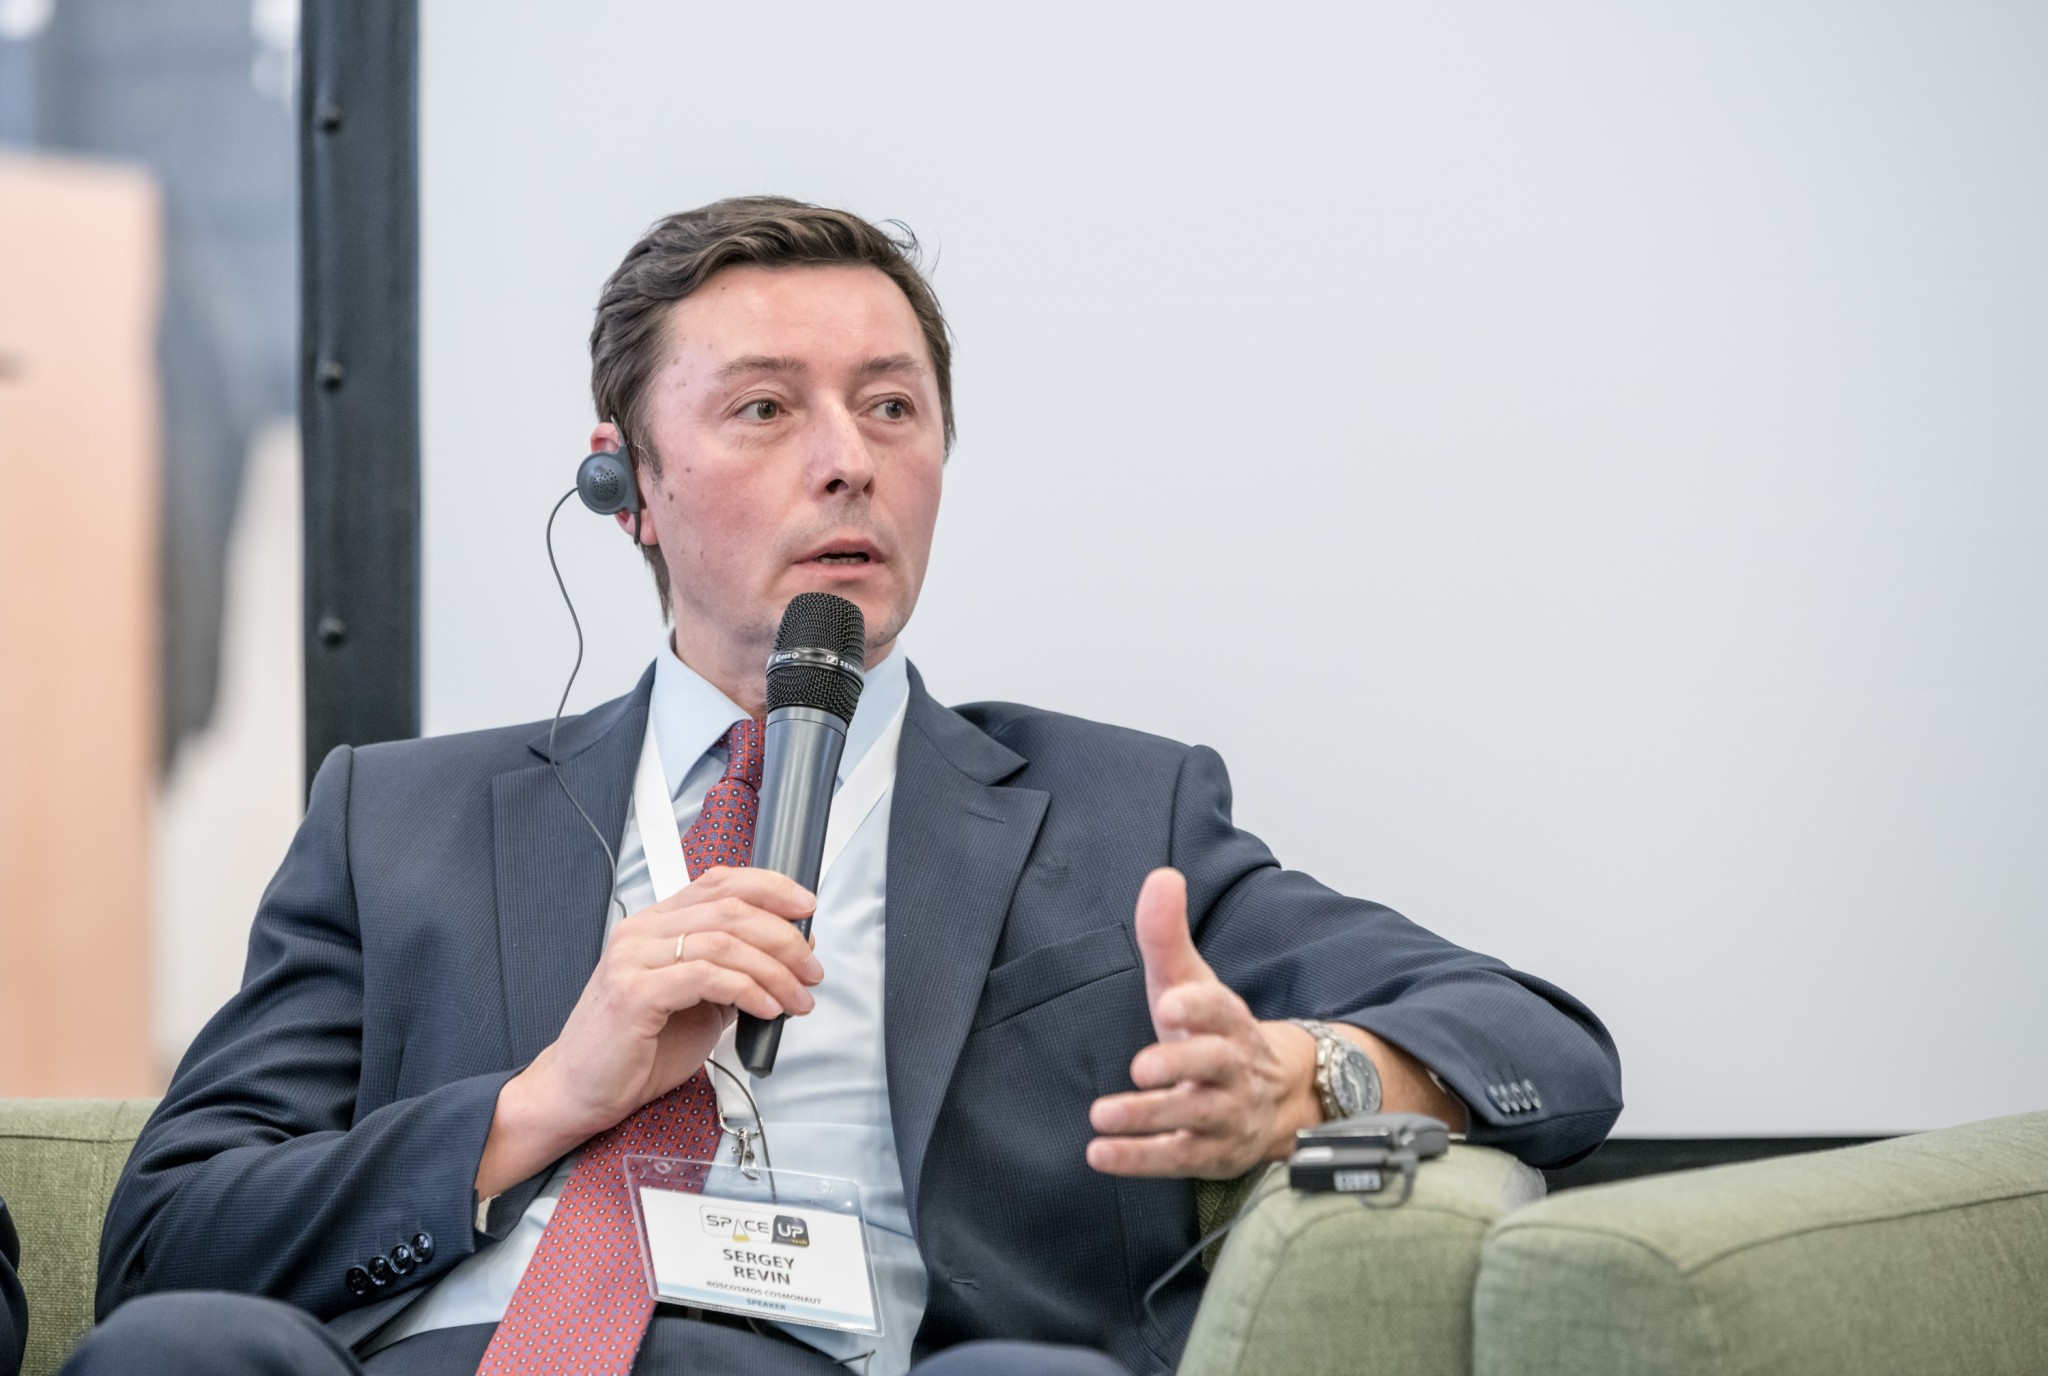 Сергей Ревин на панельной дискуссии в рамках антиконференции SpaceUp в Сколтехе. Фото: Тим Сабиров // Сколтех.